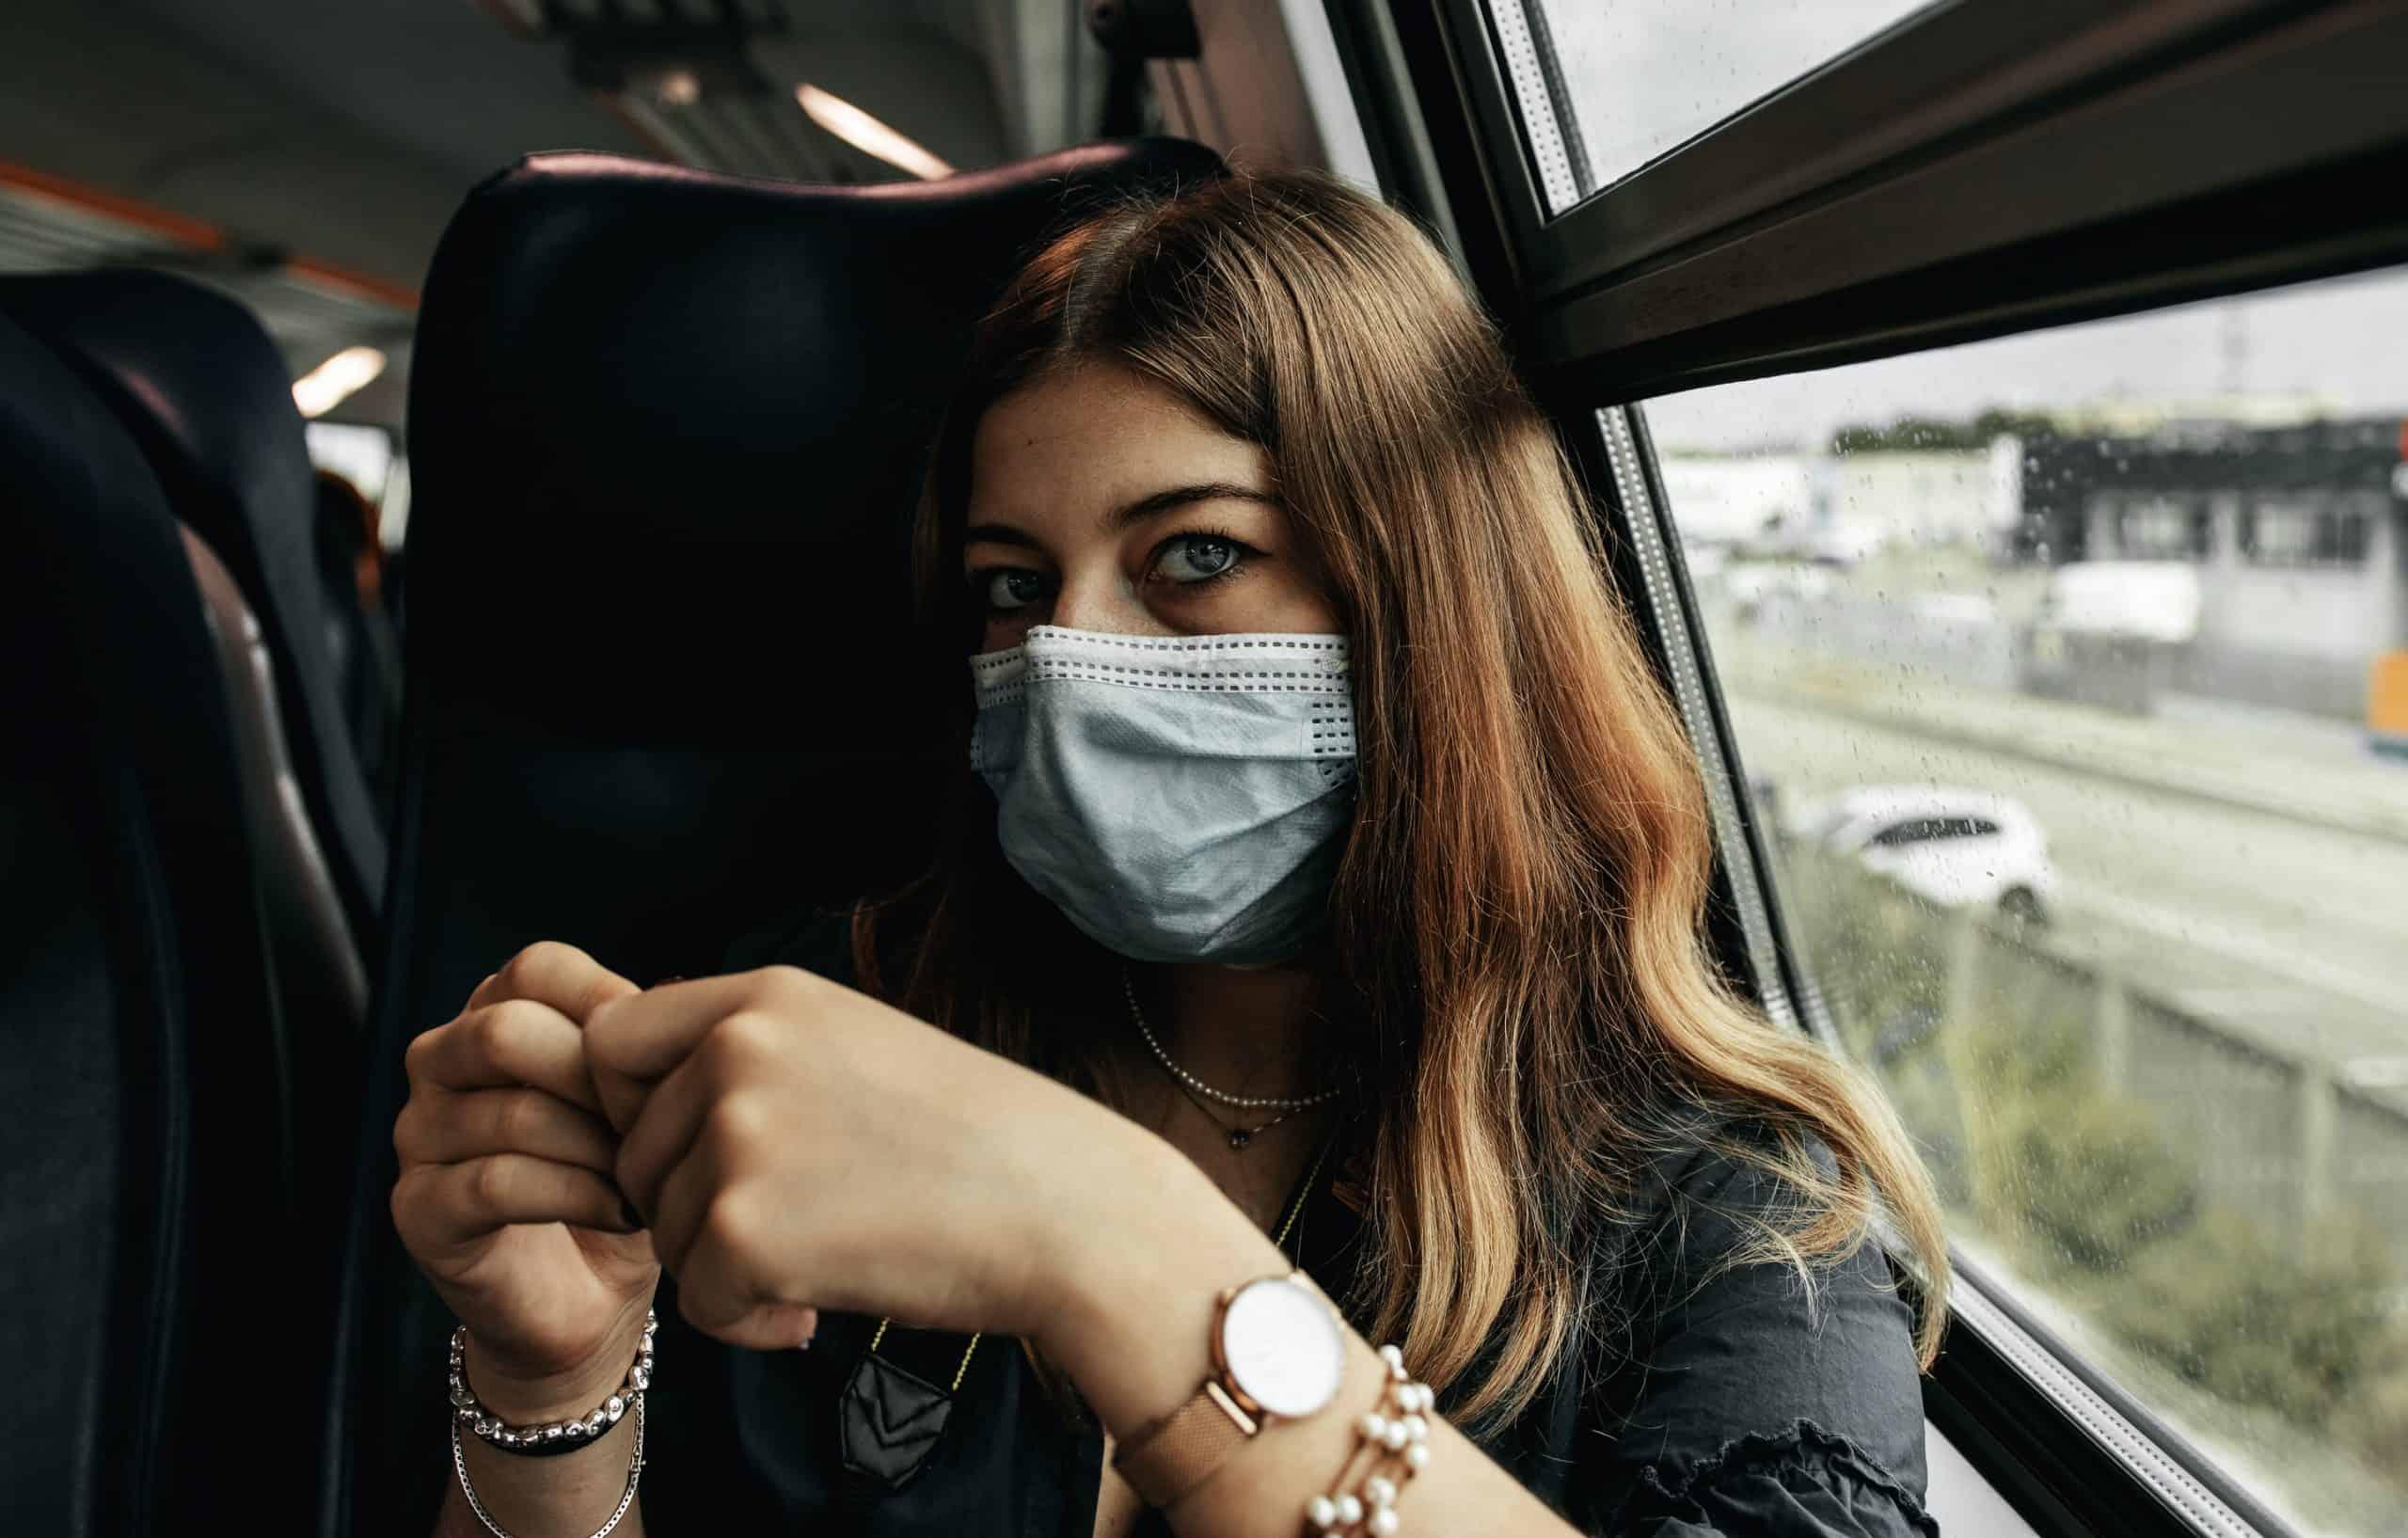 Jak szukać noclegów podczas pandemii i czy grozi za to kara?